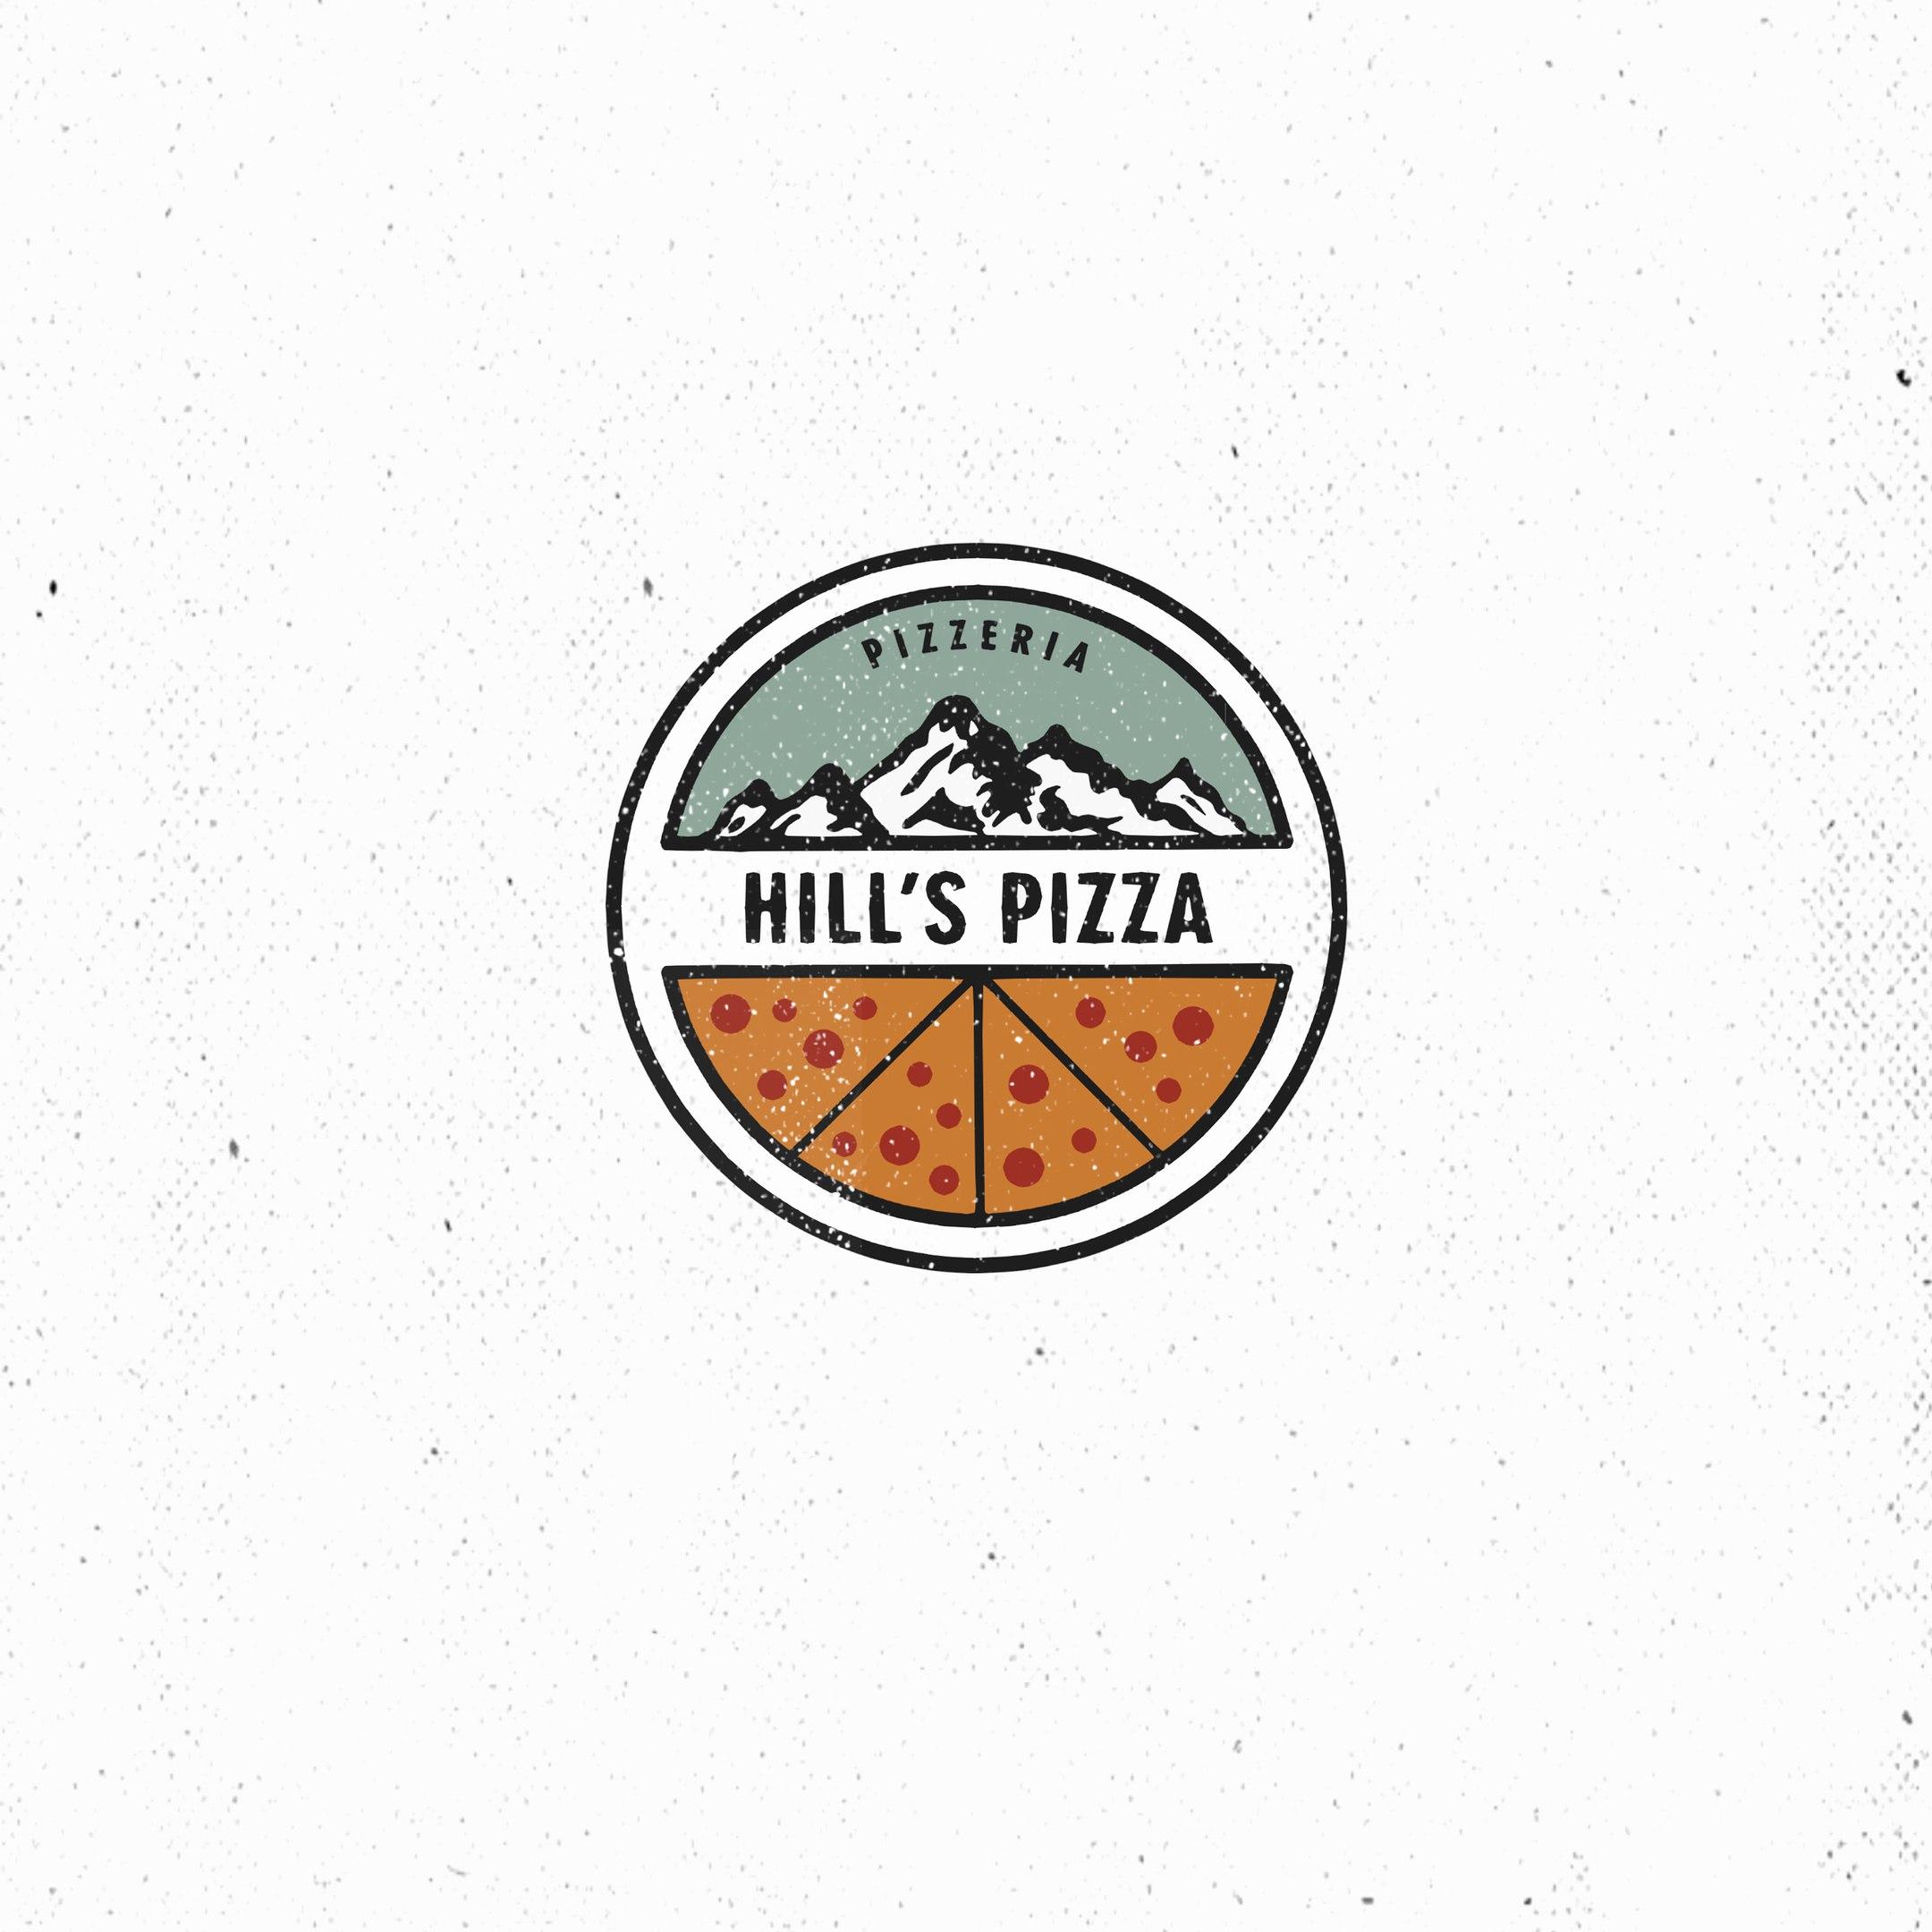 Hill's Pizza #2 (logo design)